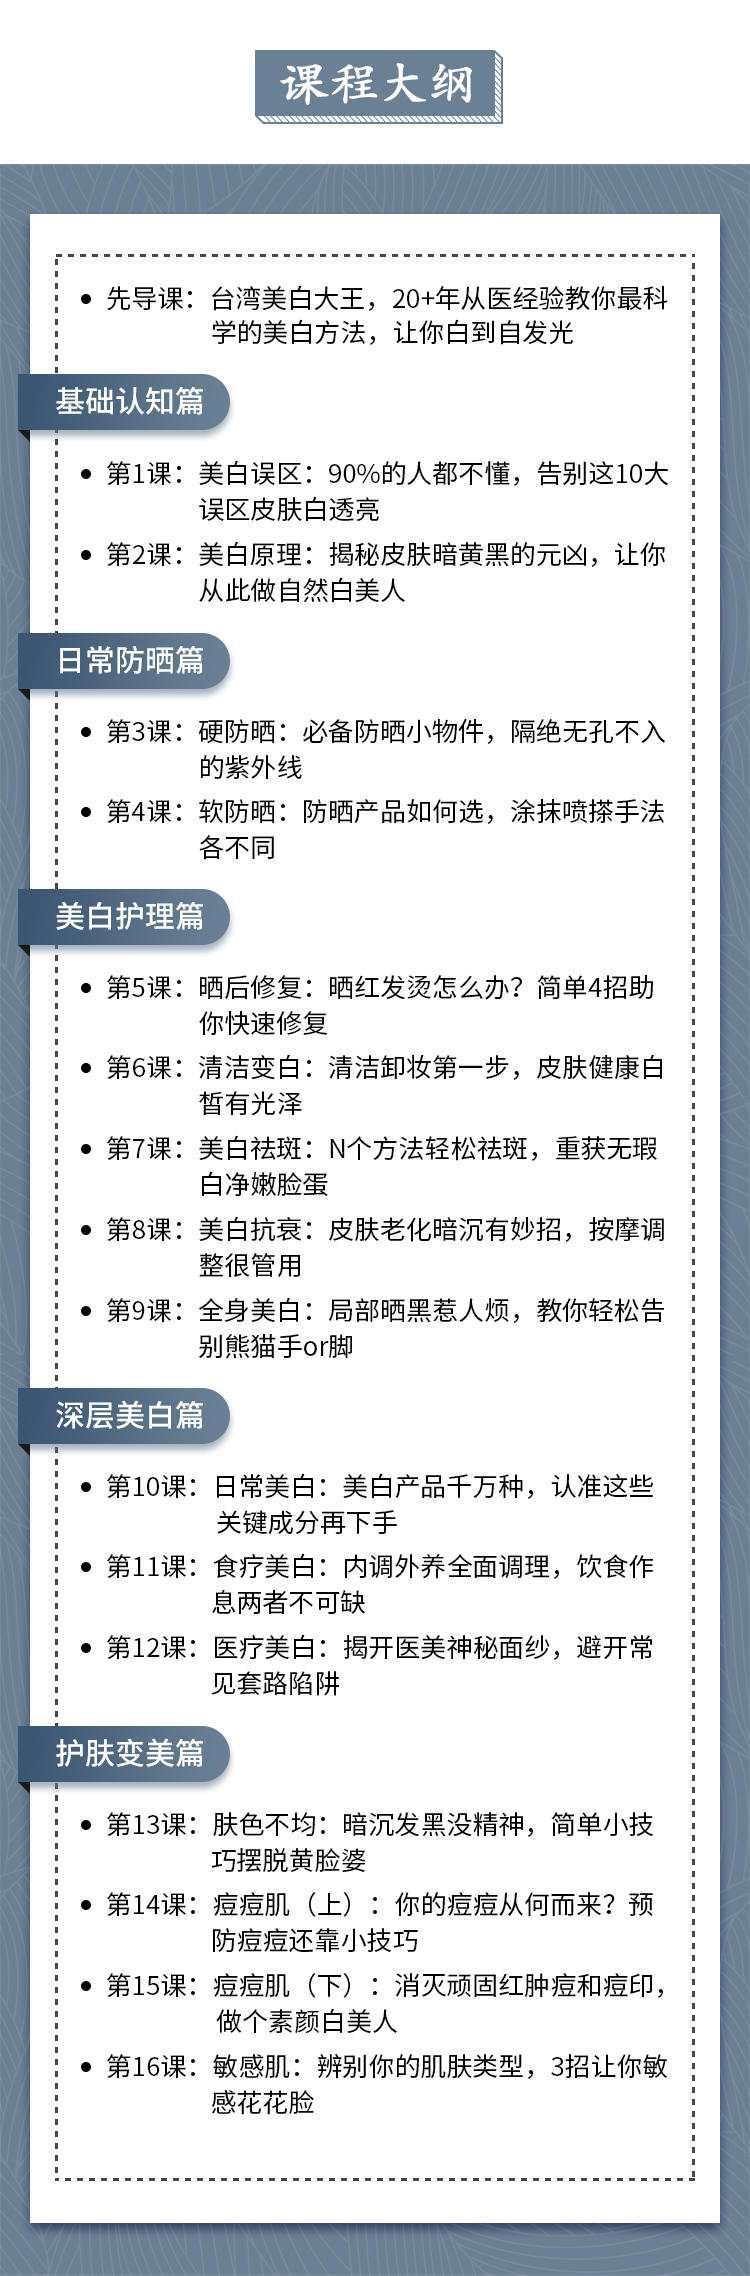 【廖医生】16节超级美白课,每天15分钟让你白到自发光!